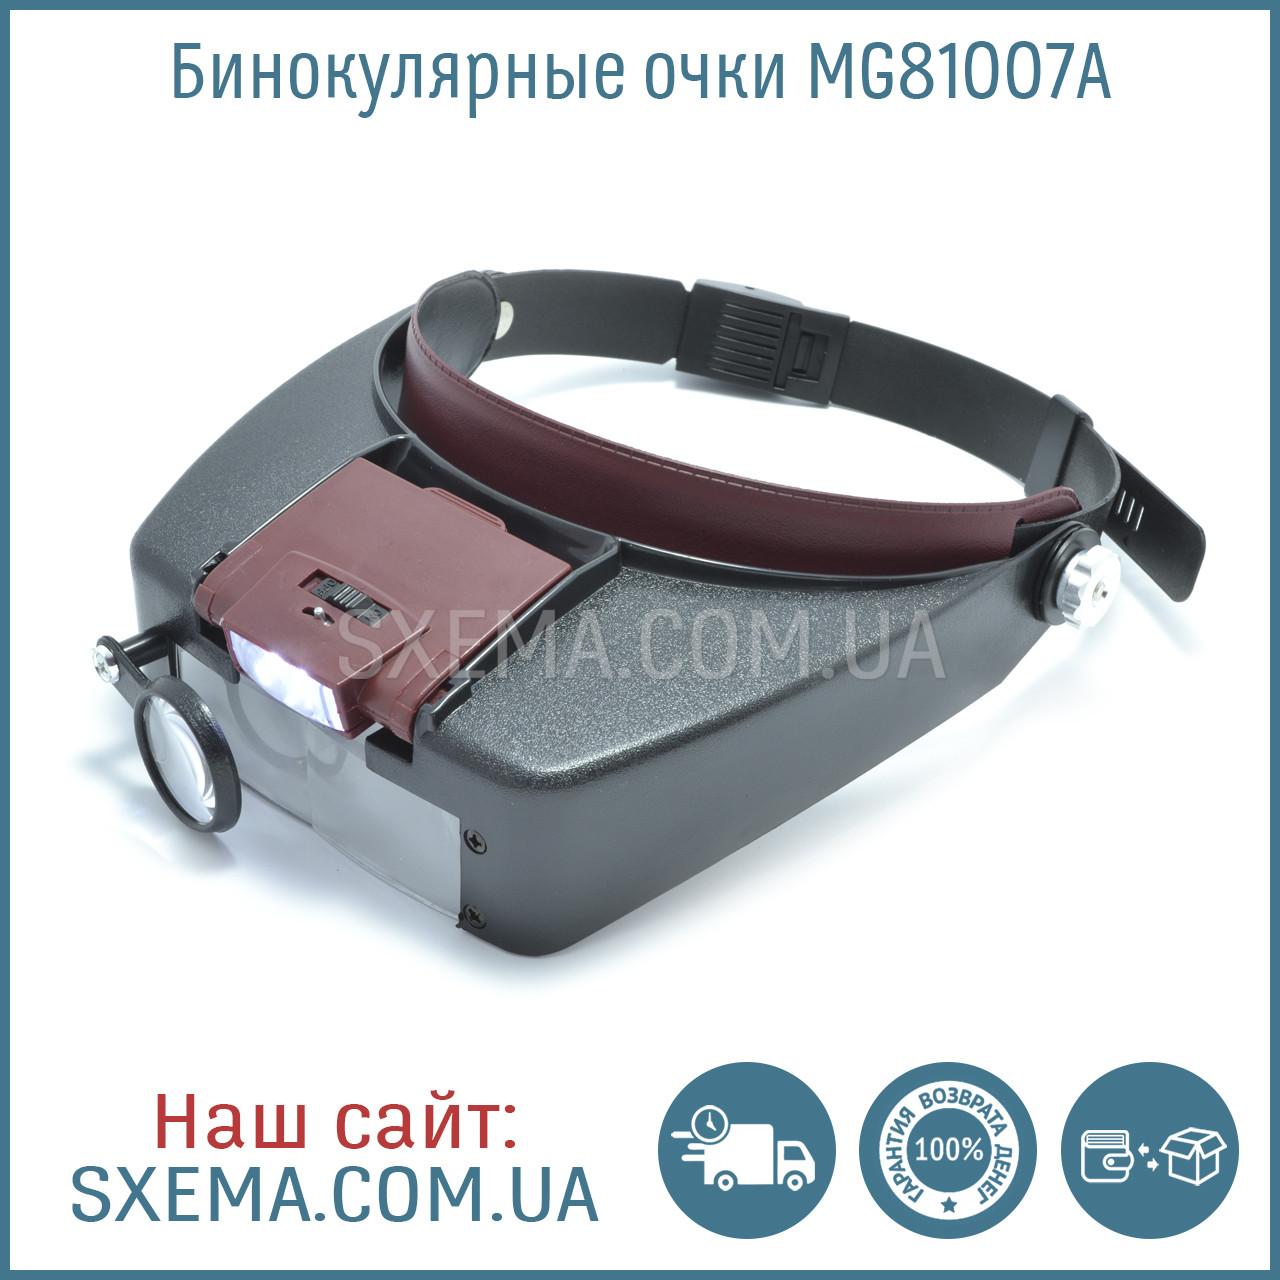 Бинокулярные лупы очки MG81007A (1,5Х 3Х 6,5Х 8Х) c Led подсветкой